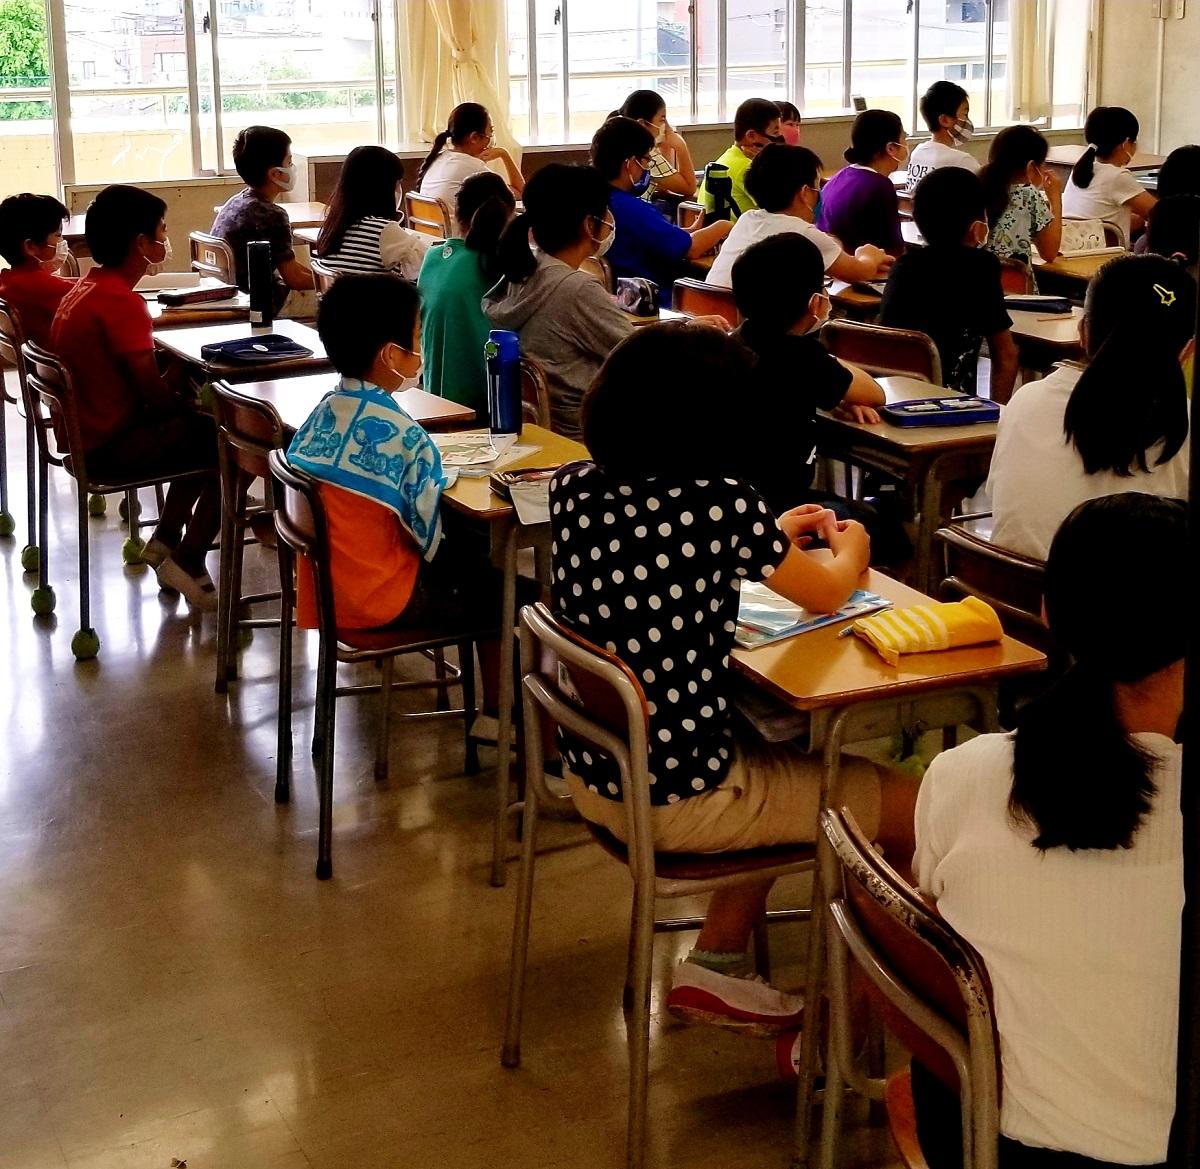 写真・図版 : 密集する教室。分散登校が終わって全員登校が始まりました